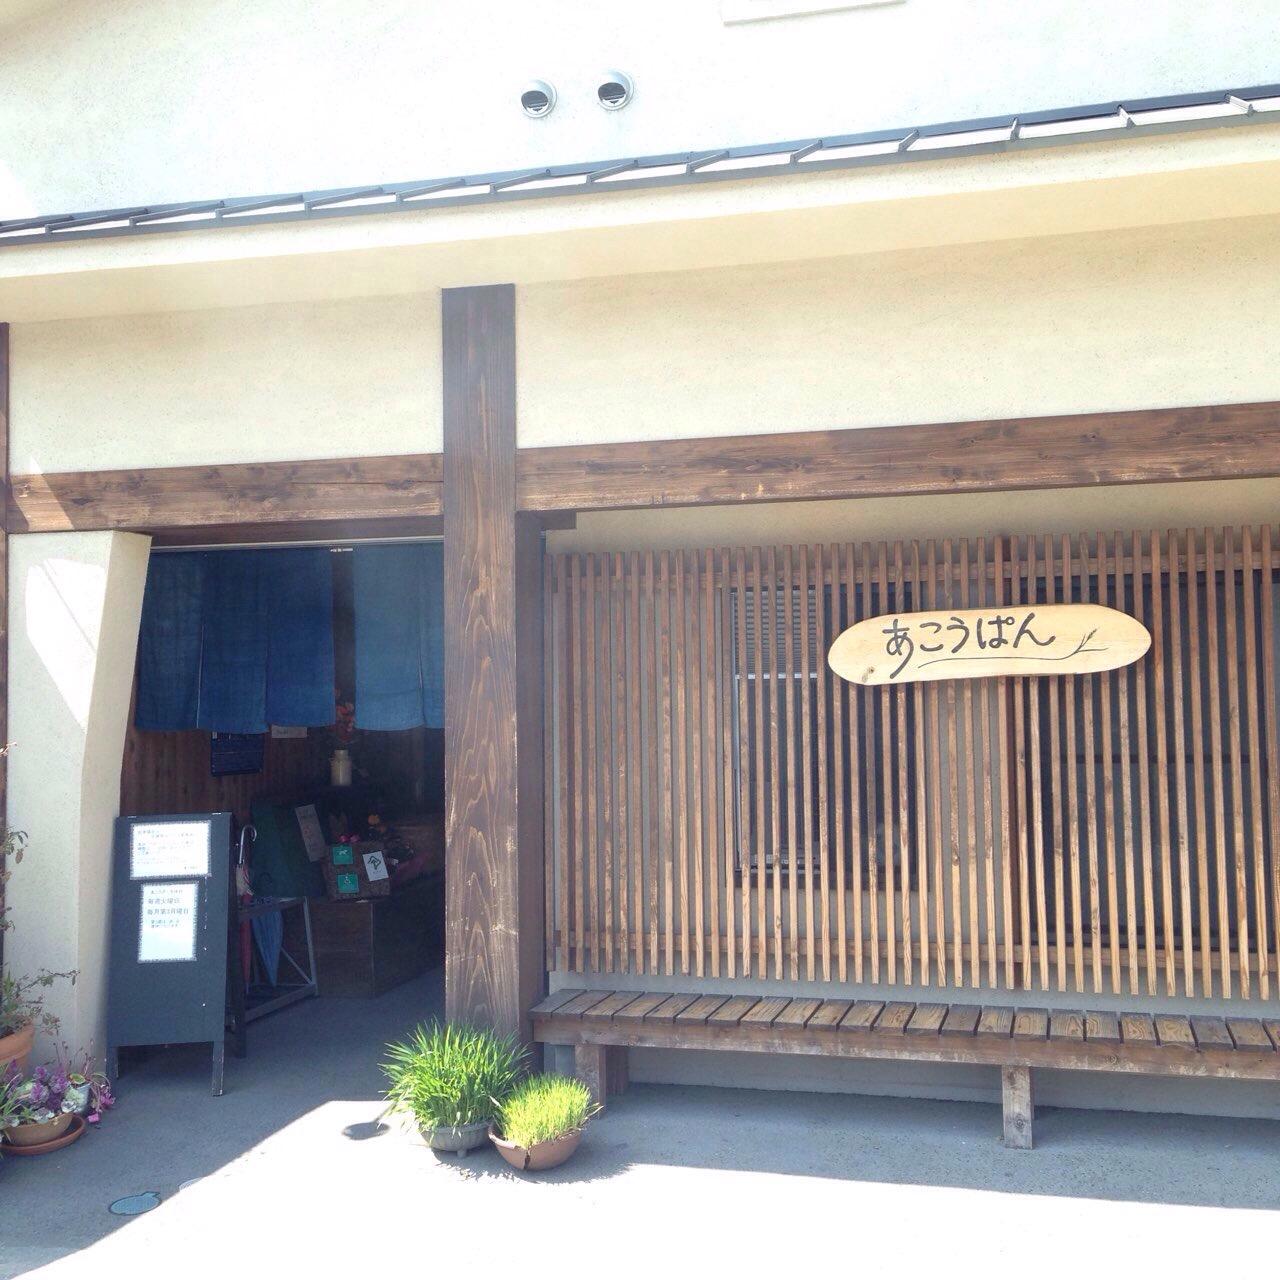 【赤穂】とにかくパンの種類が多い「あこうぱん」地元の人に愛される有名店